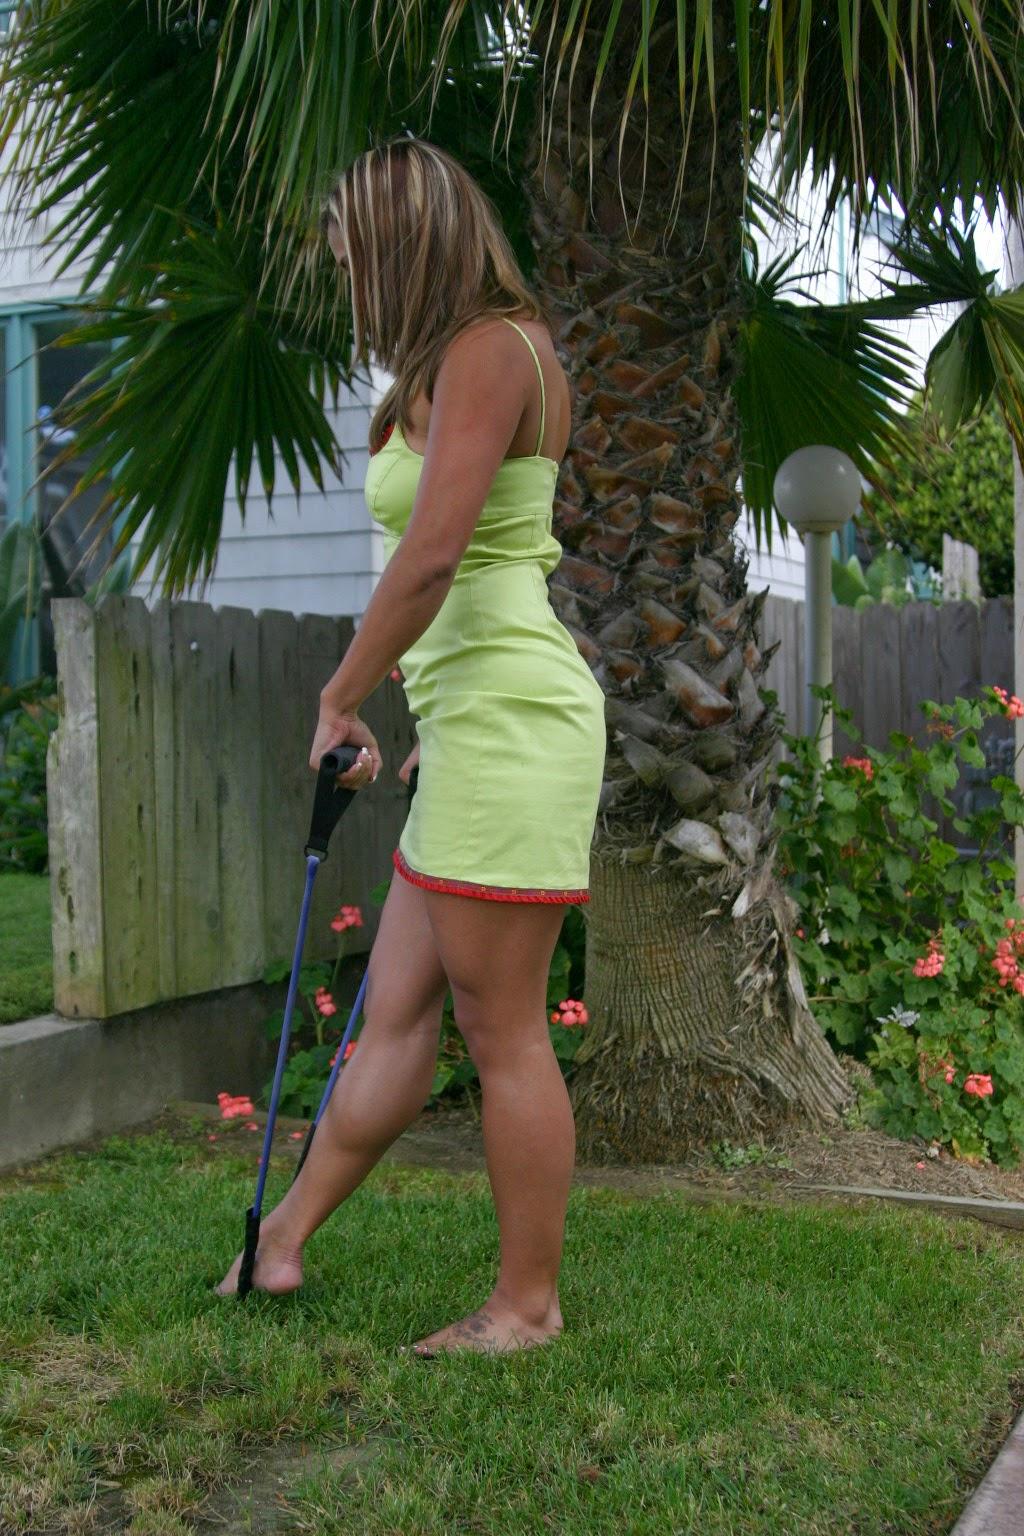 Her Calves Muscle Legs: Women Huge Muscular Calves